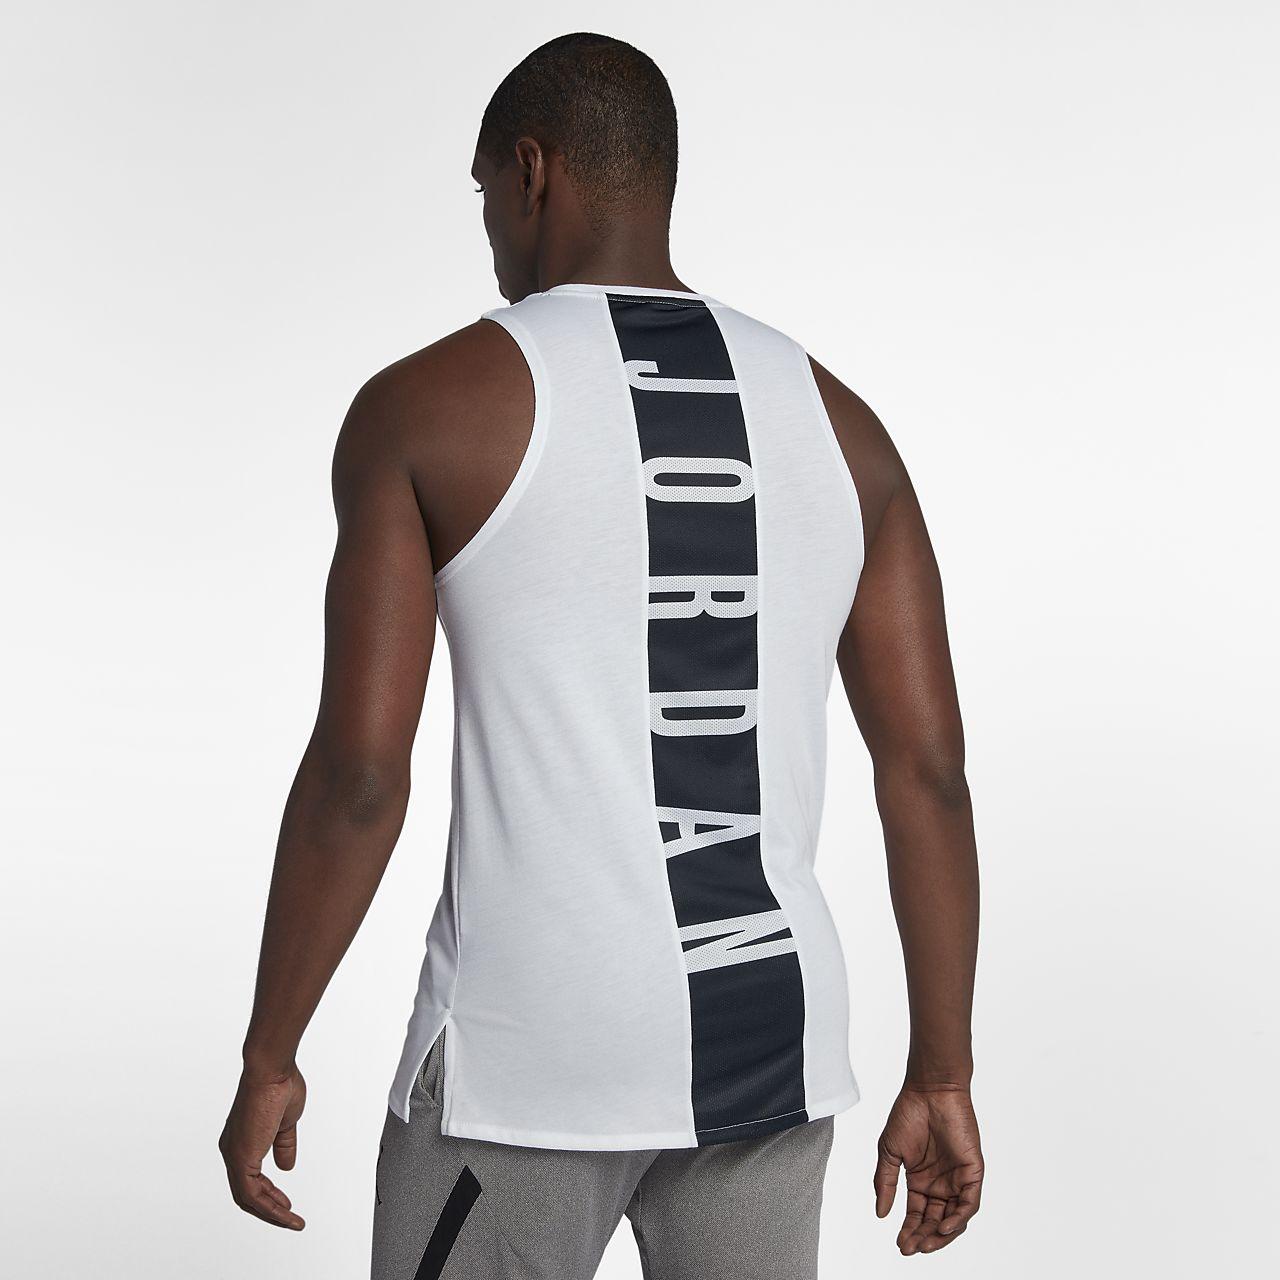 Ανδρική αμάνικη μπλούζα προπόνησης Jordan 23 Alpha